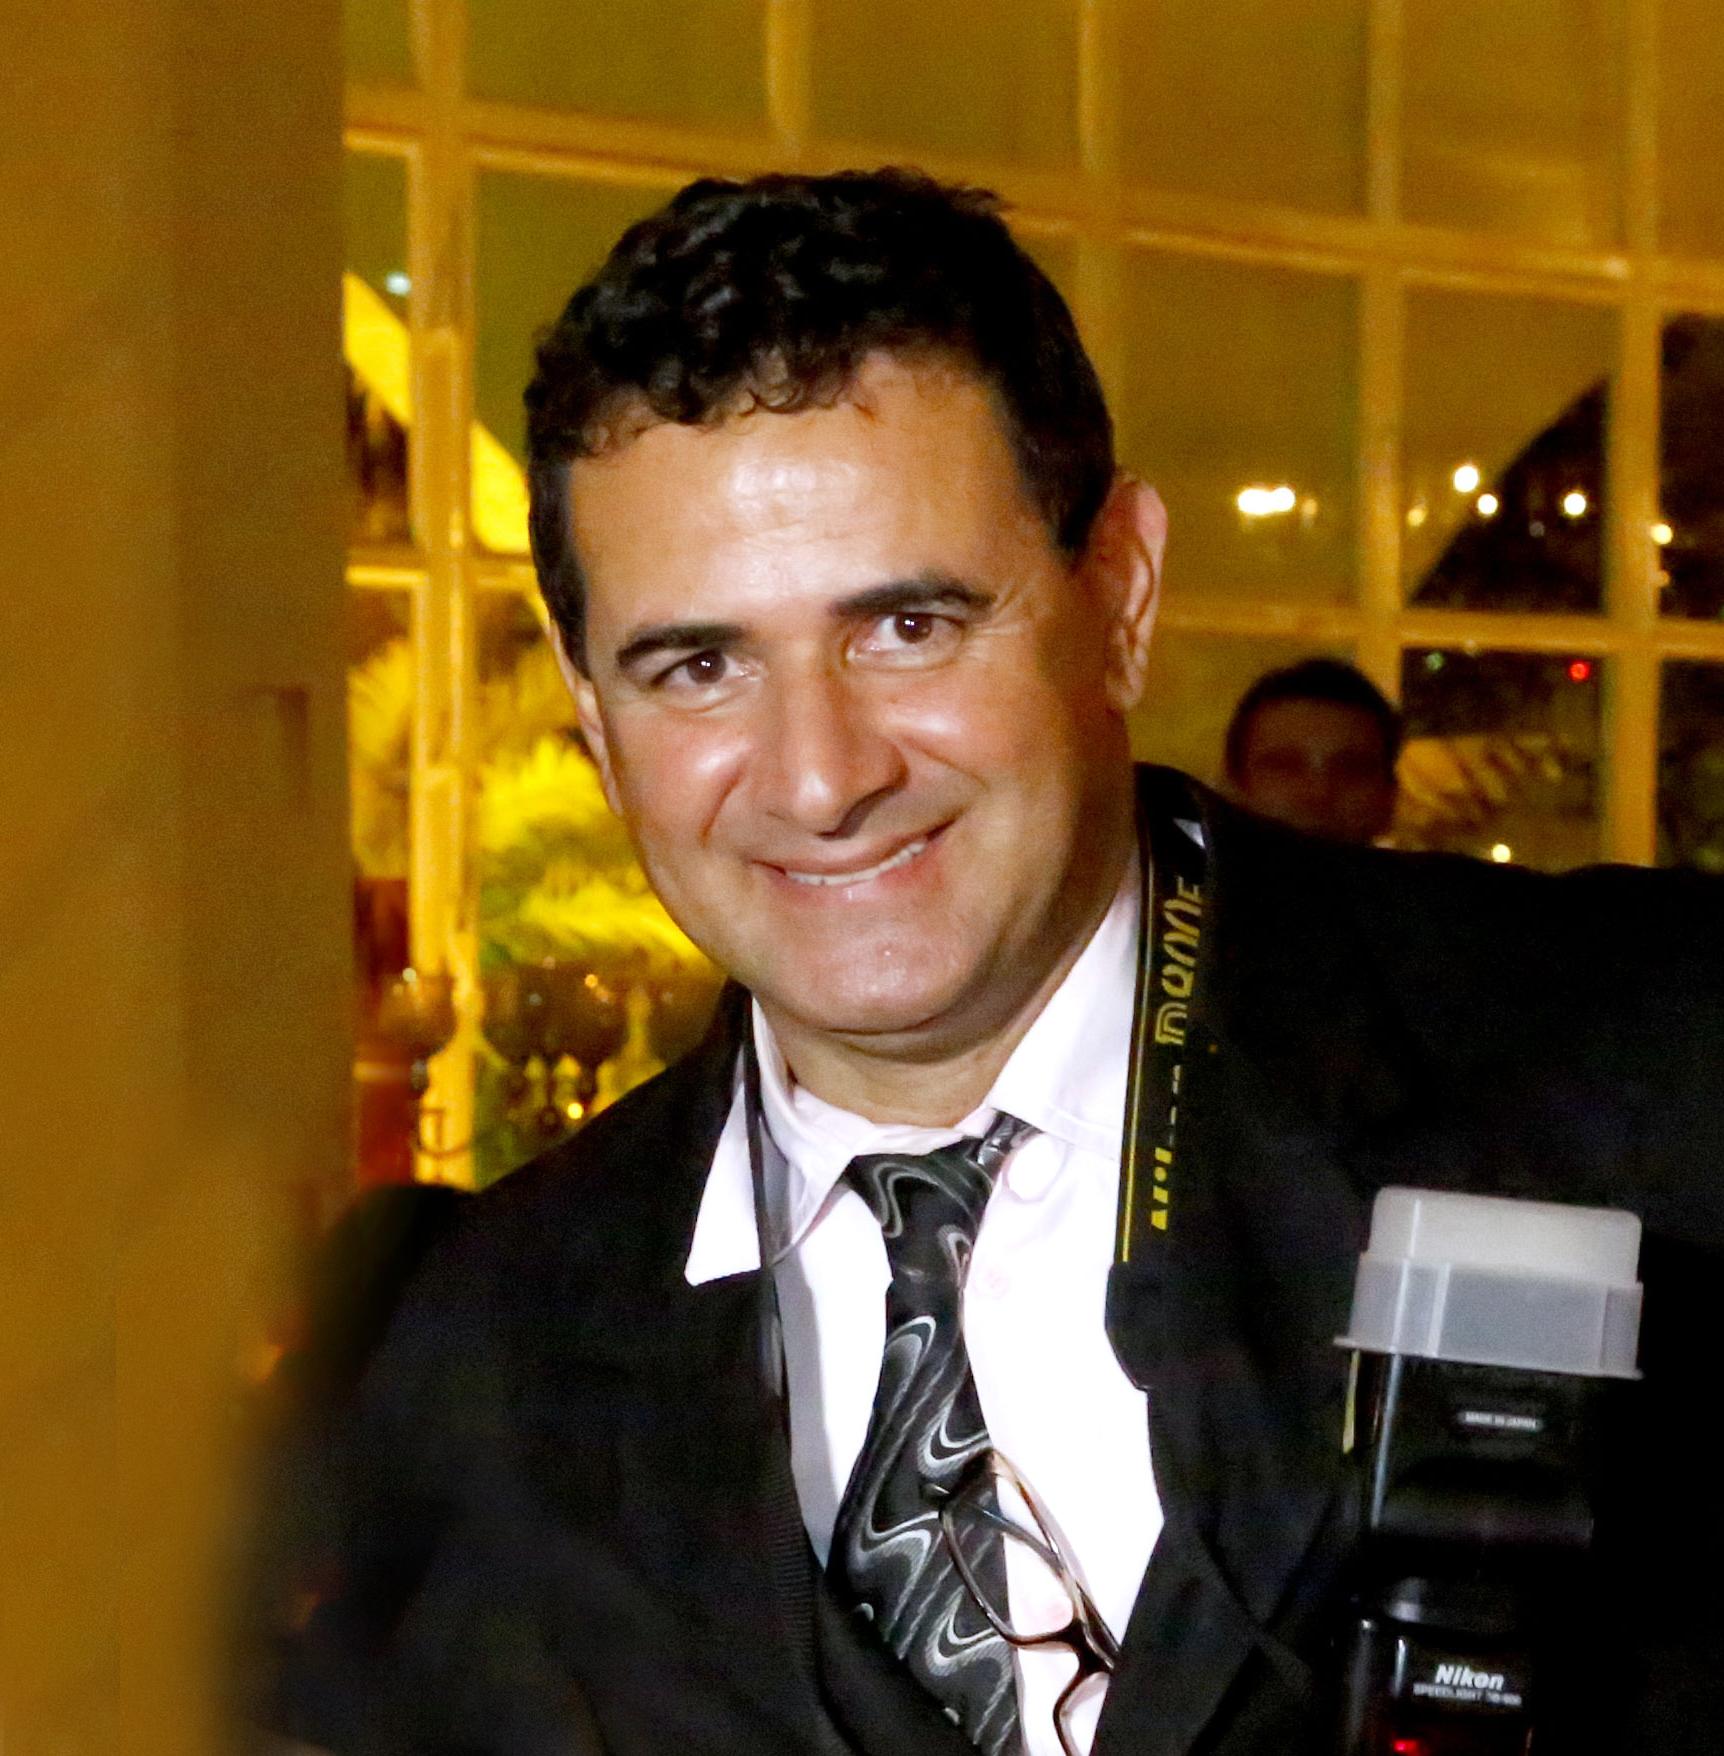 Sobre Fotoraniere - Fotografo de Casamento  Ensaios Românticos, Debutantes, Books, Gestante, Ensaio Boudoir Sensual e Marketing Corporativo em Brasília DF e toda Região.